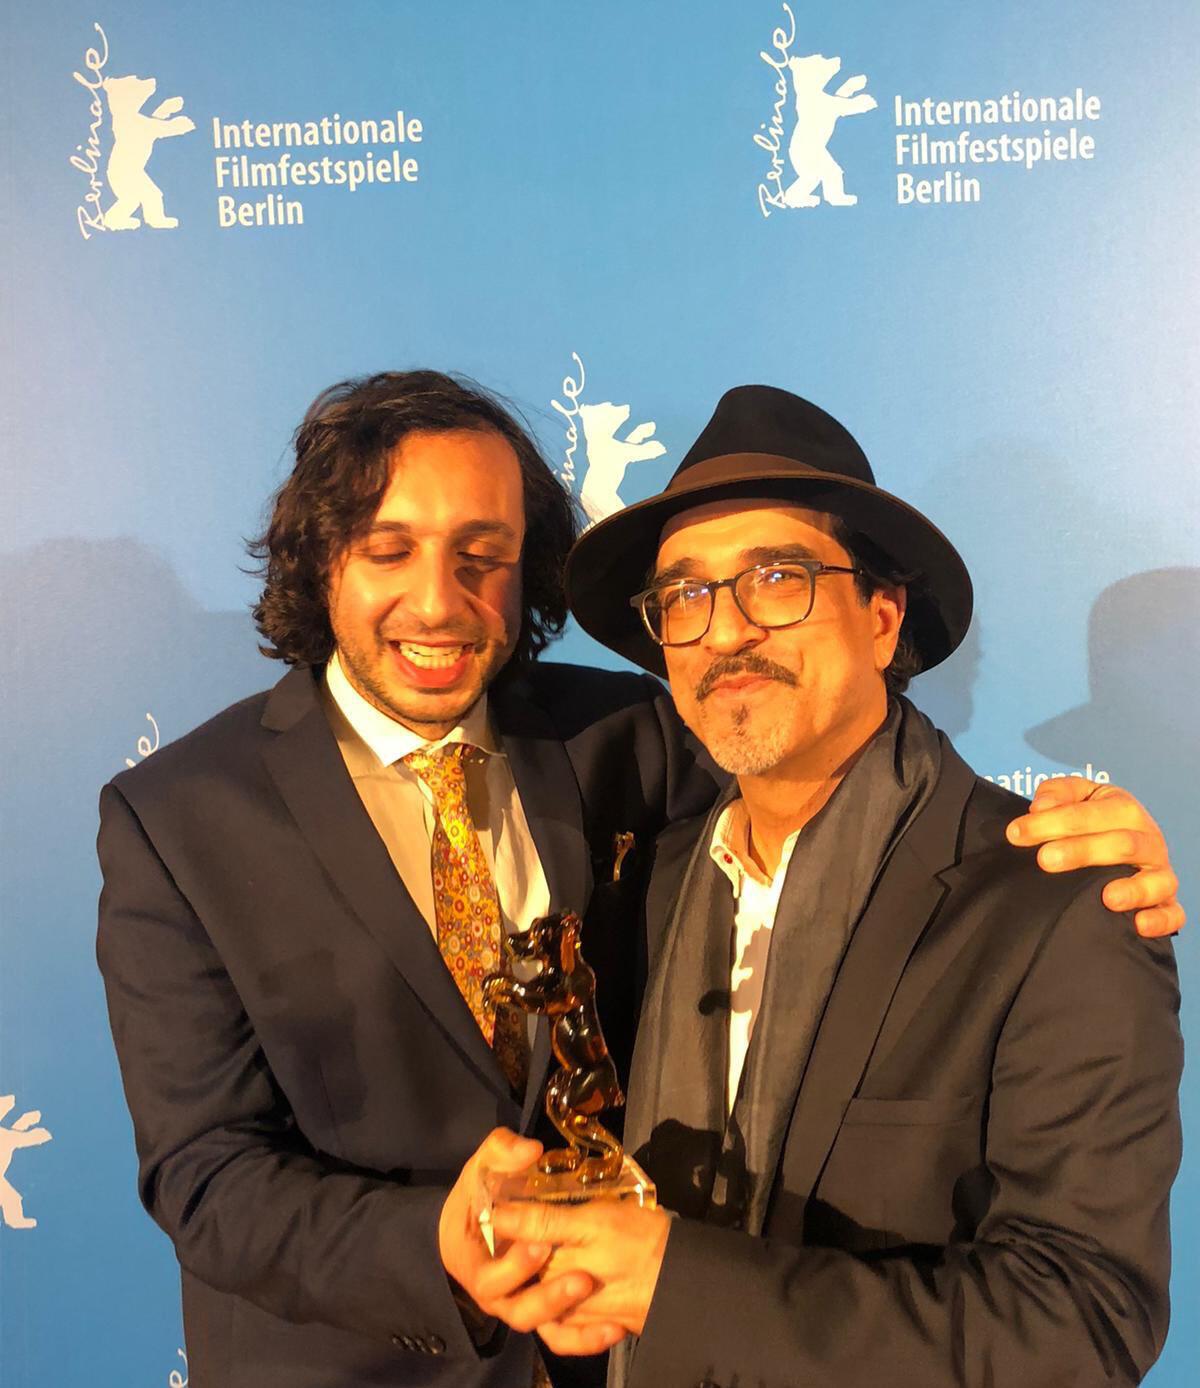 """عتیق رحیمی، نویسنده و فیلمساز افغان مقیم فرانسه (سمت راست)، برنده جایزه خرس بلورین بهترین فیلم بخش """"نسلها"""" در هفتادمین جشنواره بینالمللی فیلم برلین """"برلیناله""""."""